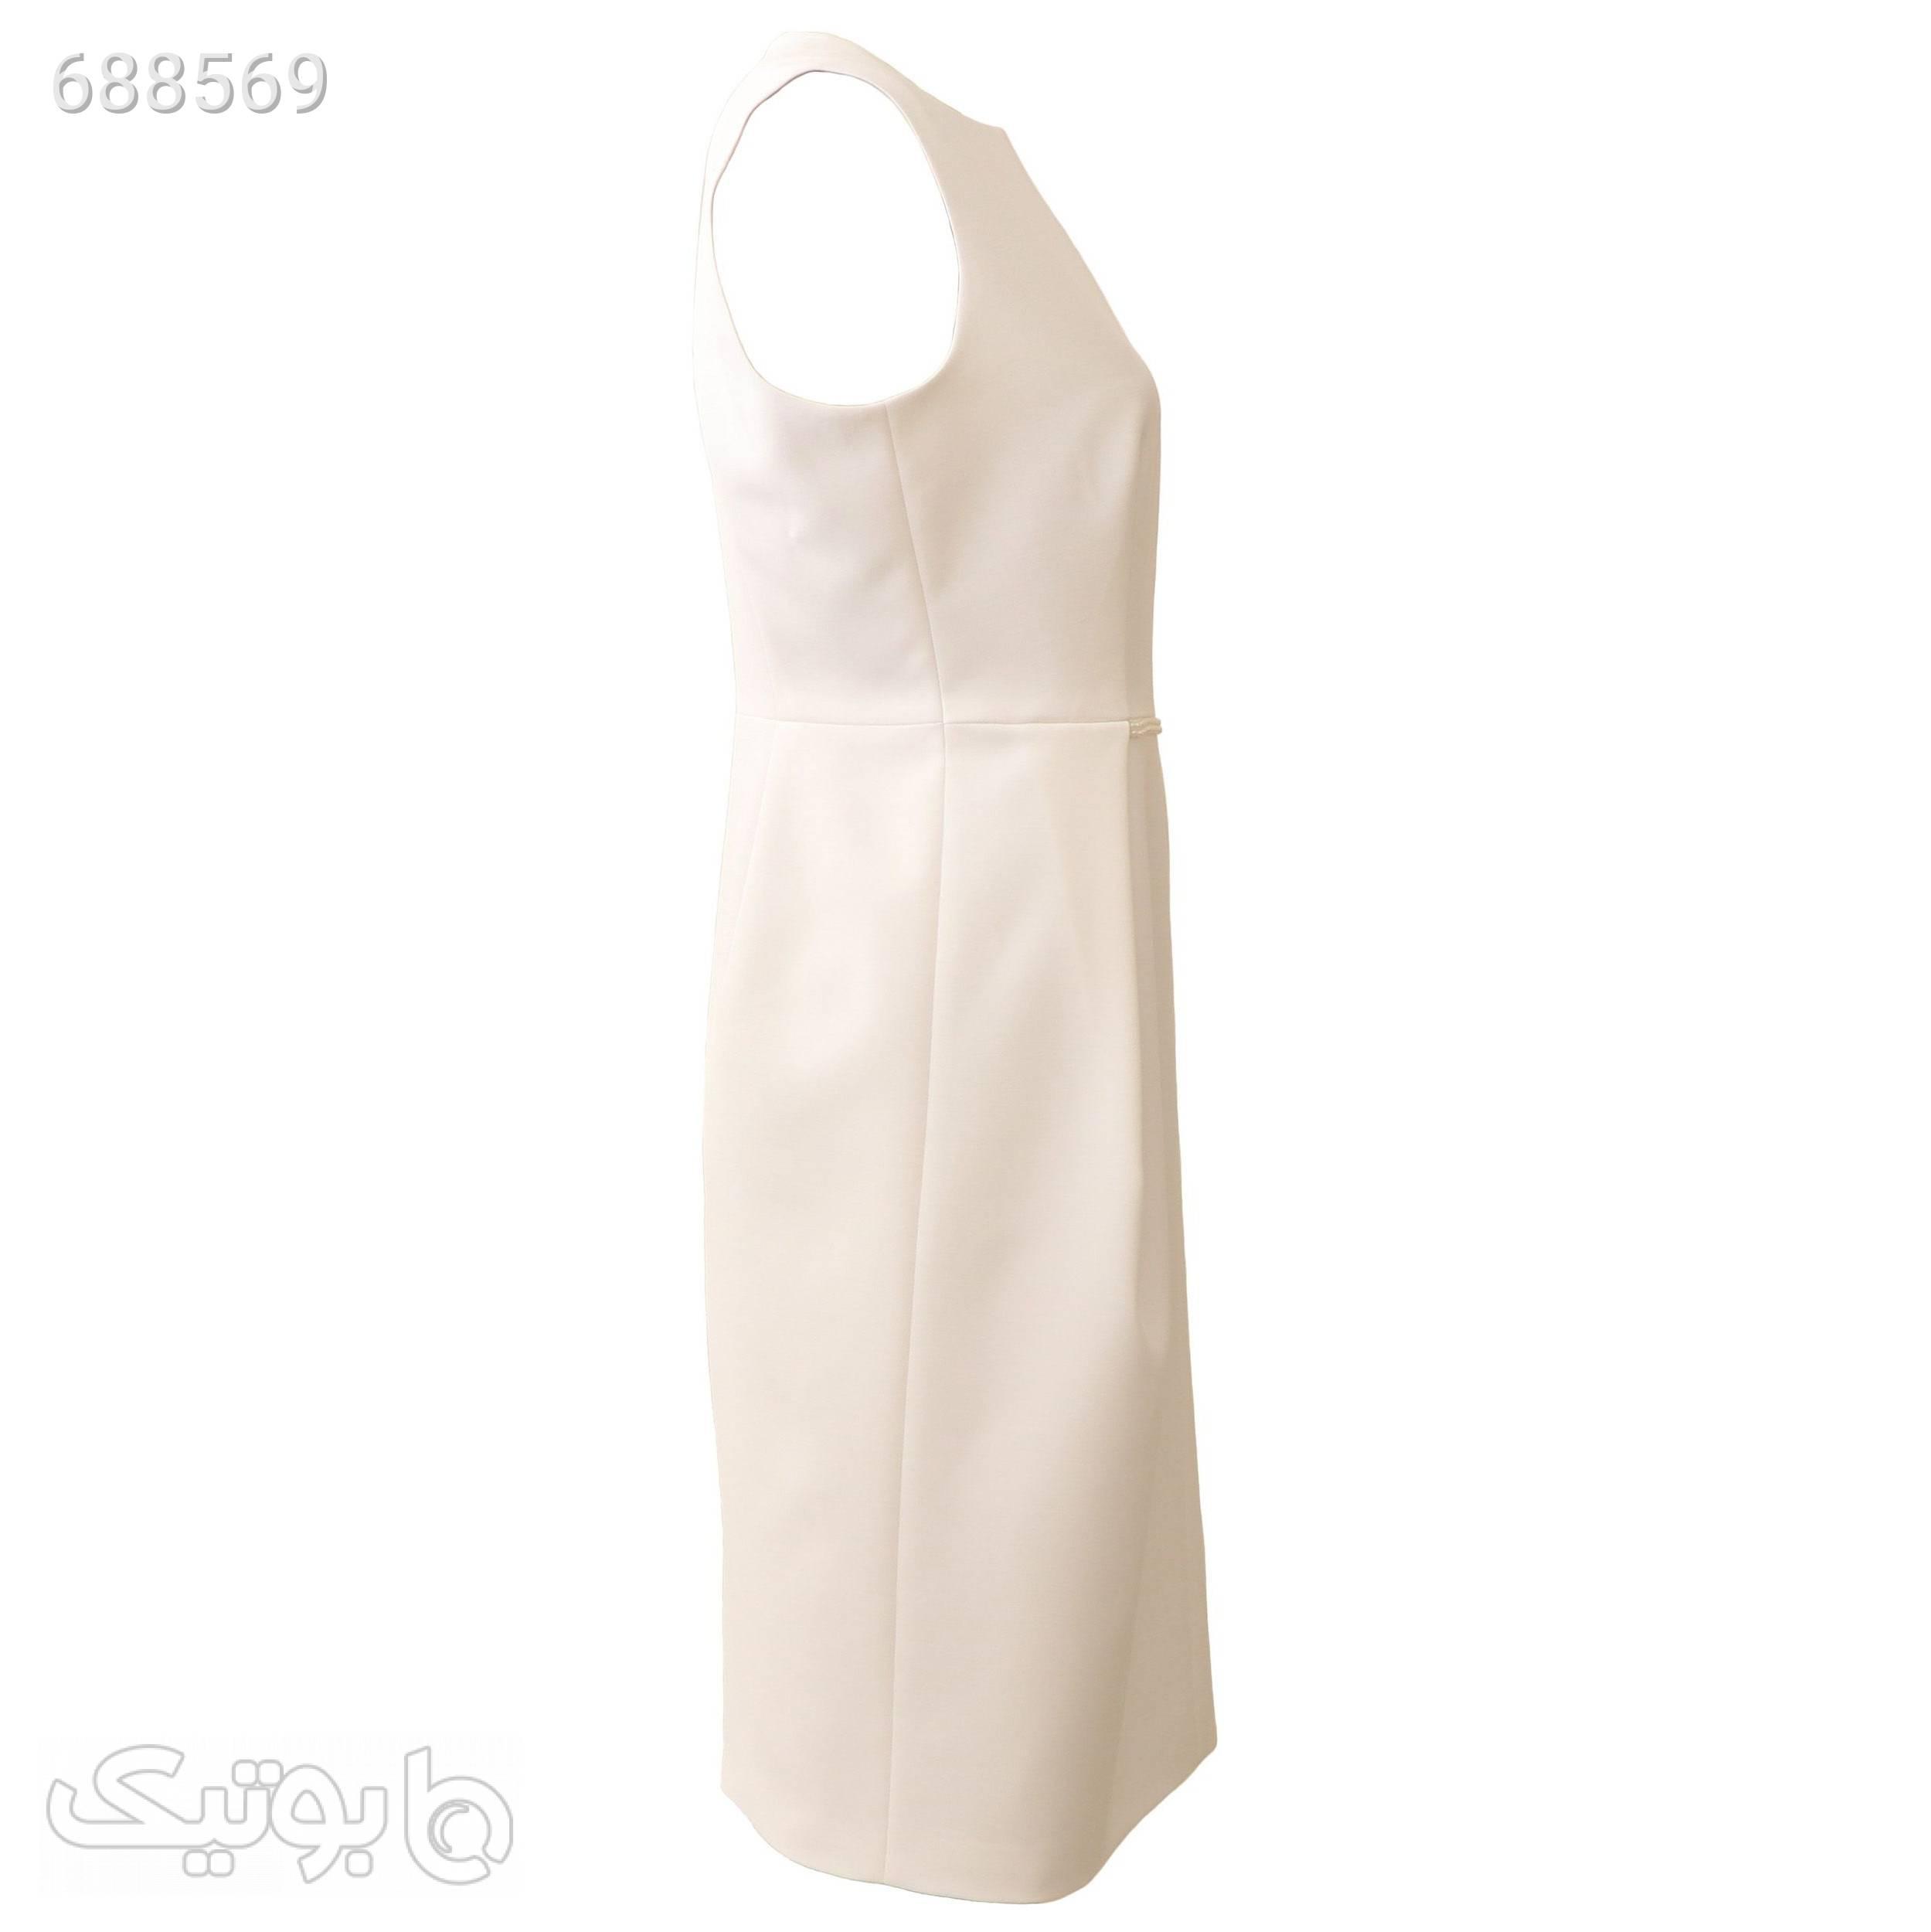 پیراهن زنانه درس ایگو کد 1010006 رنگ سفید سفید پيراهن و سارافون زنانه